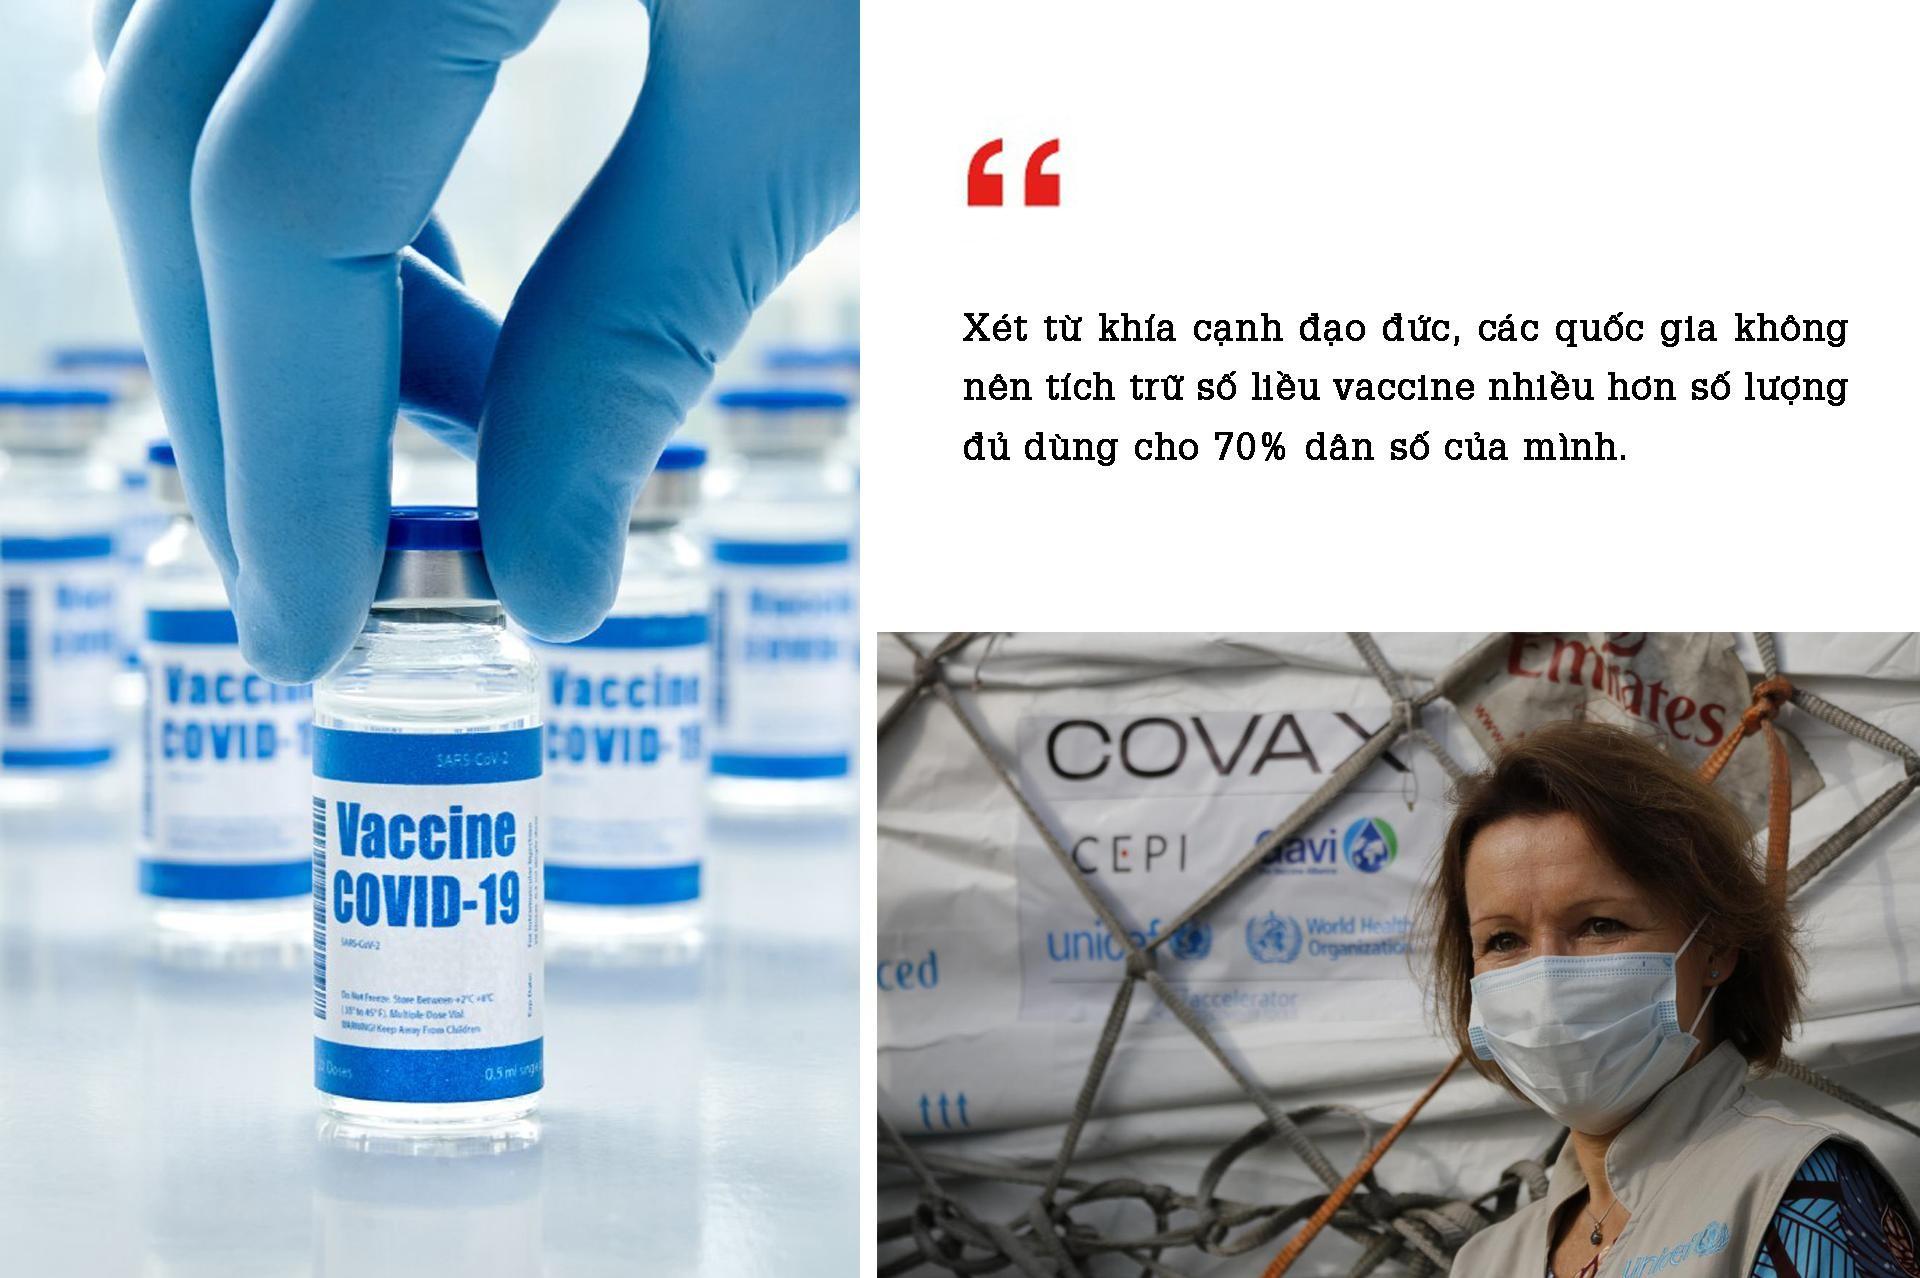 Vaccine COVID-19: Chia sẻ hay tích trữ? ảnh 5